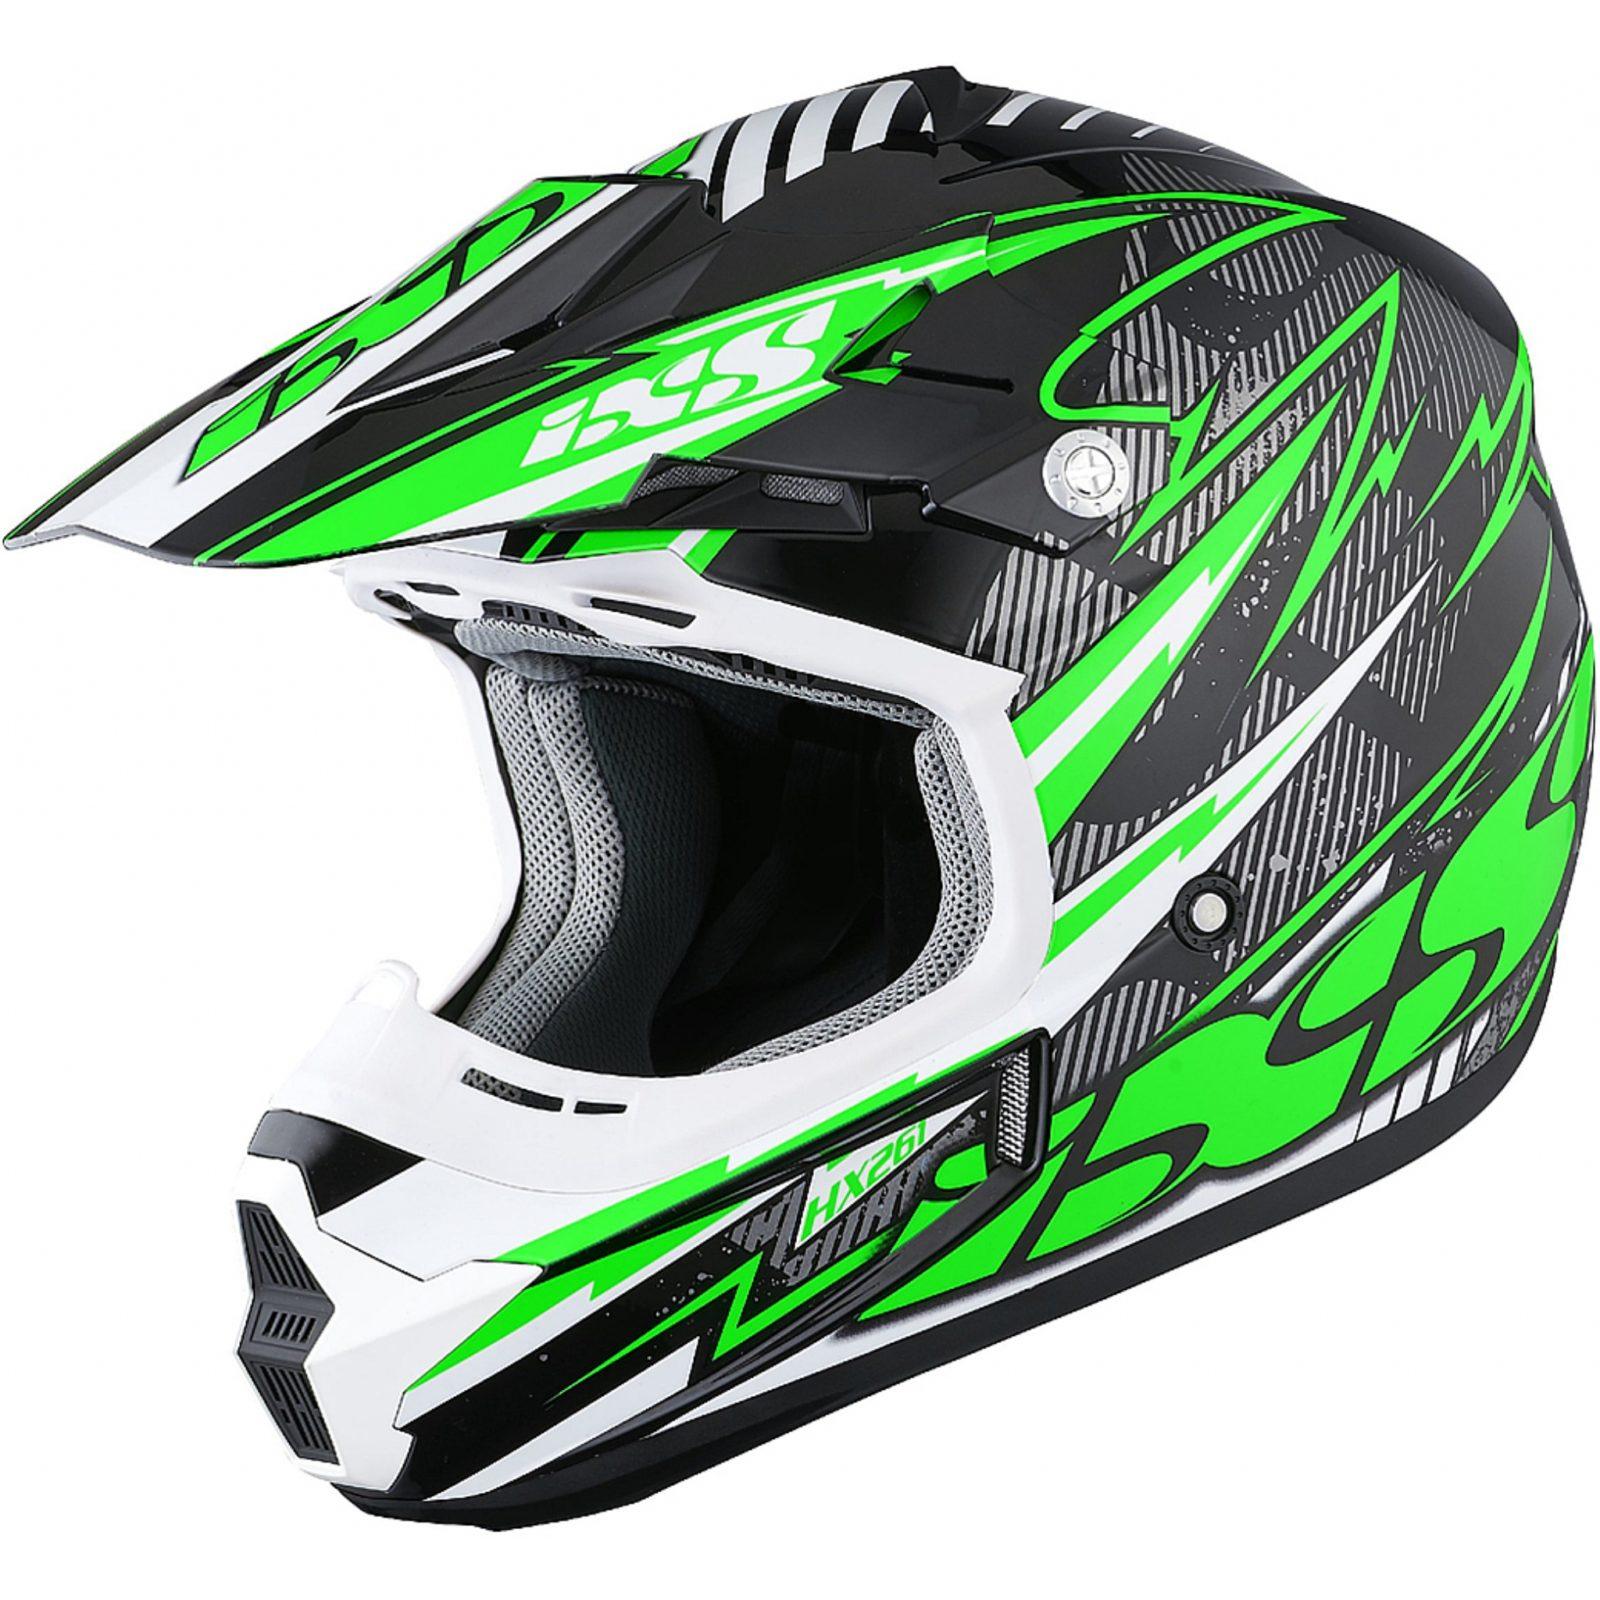 Шлем кроссовый HX 261 THUNDER зеленый фото 1